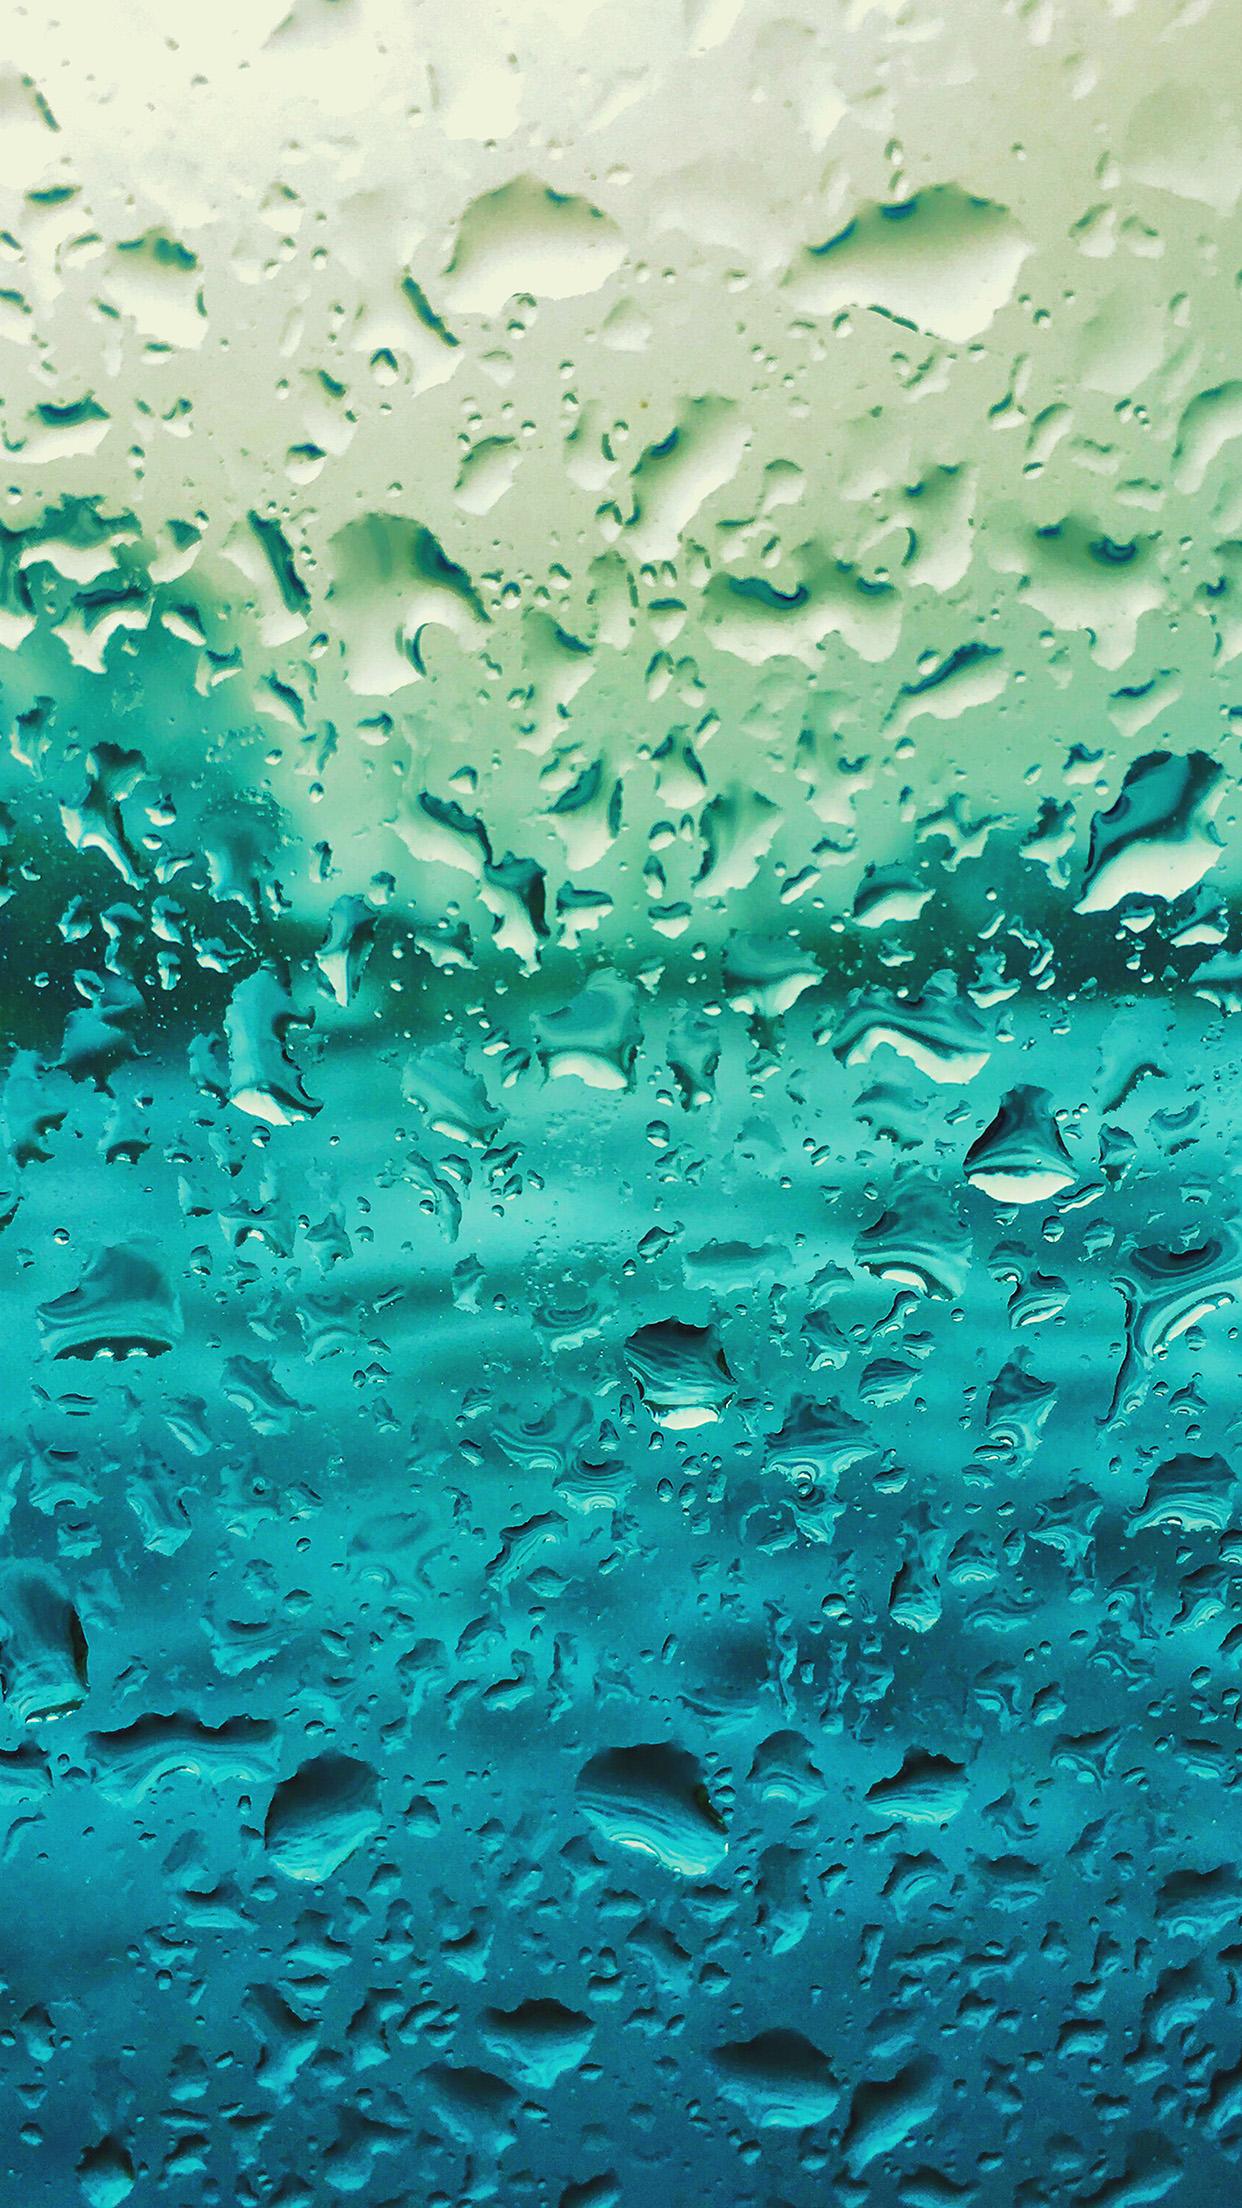 Vr68 Rain Drop Window Blue Pattern Wallpaper